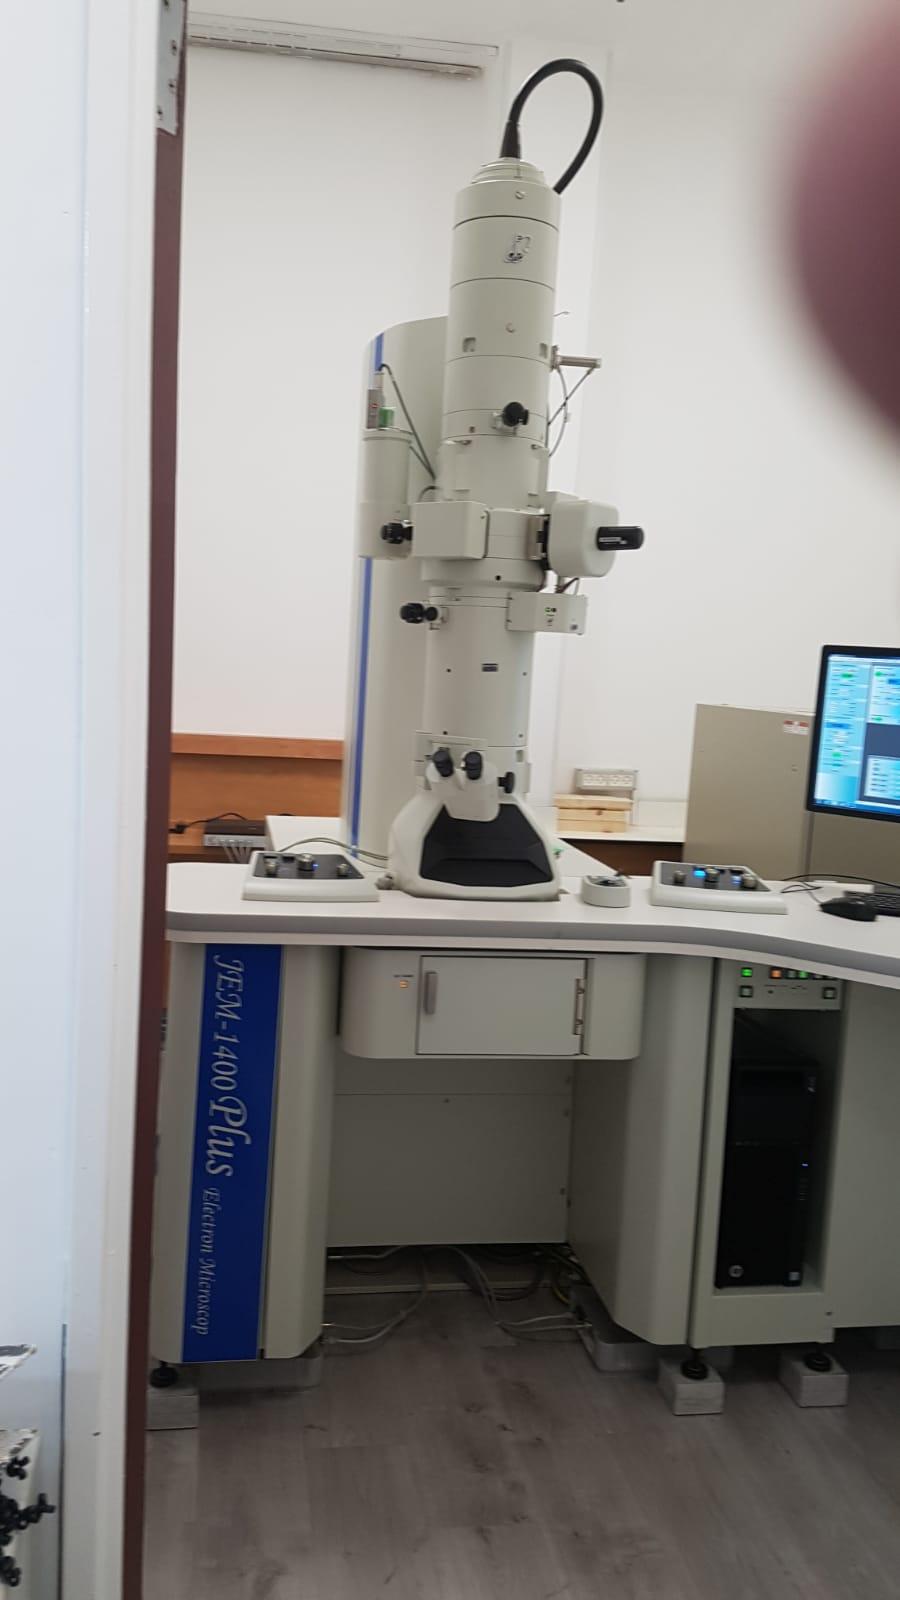 JEOL日本电子透射电子显微镜主动减震台.jpg